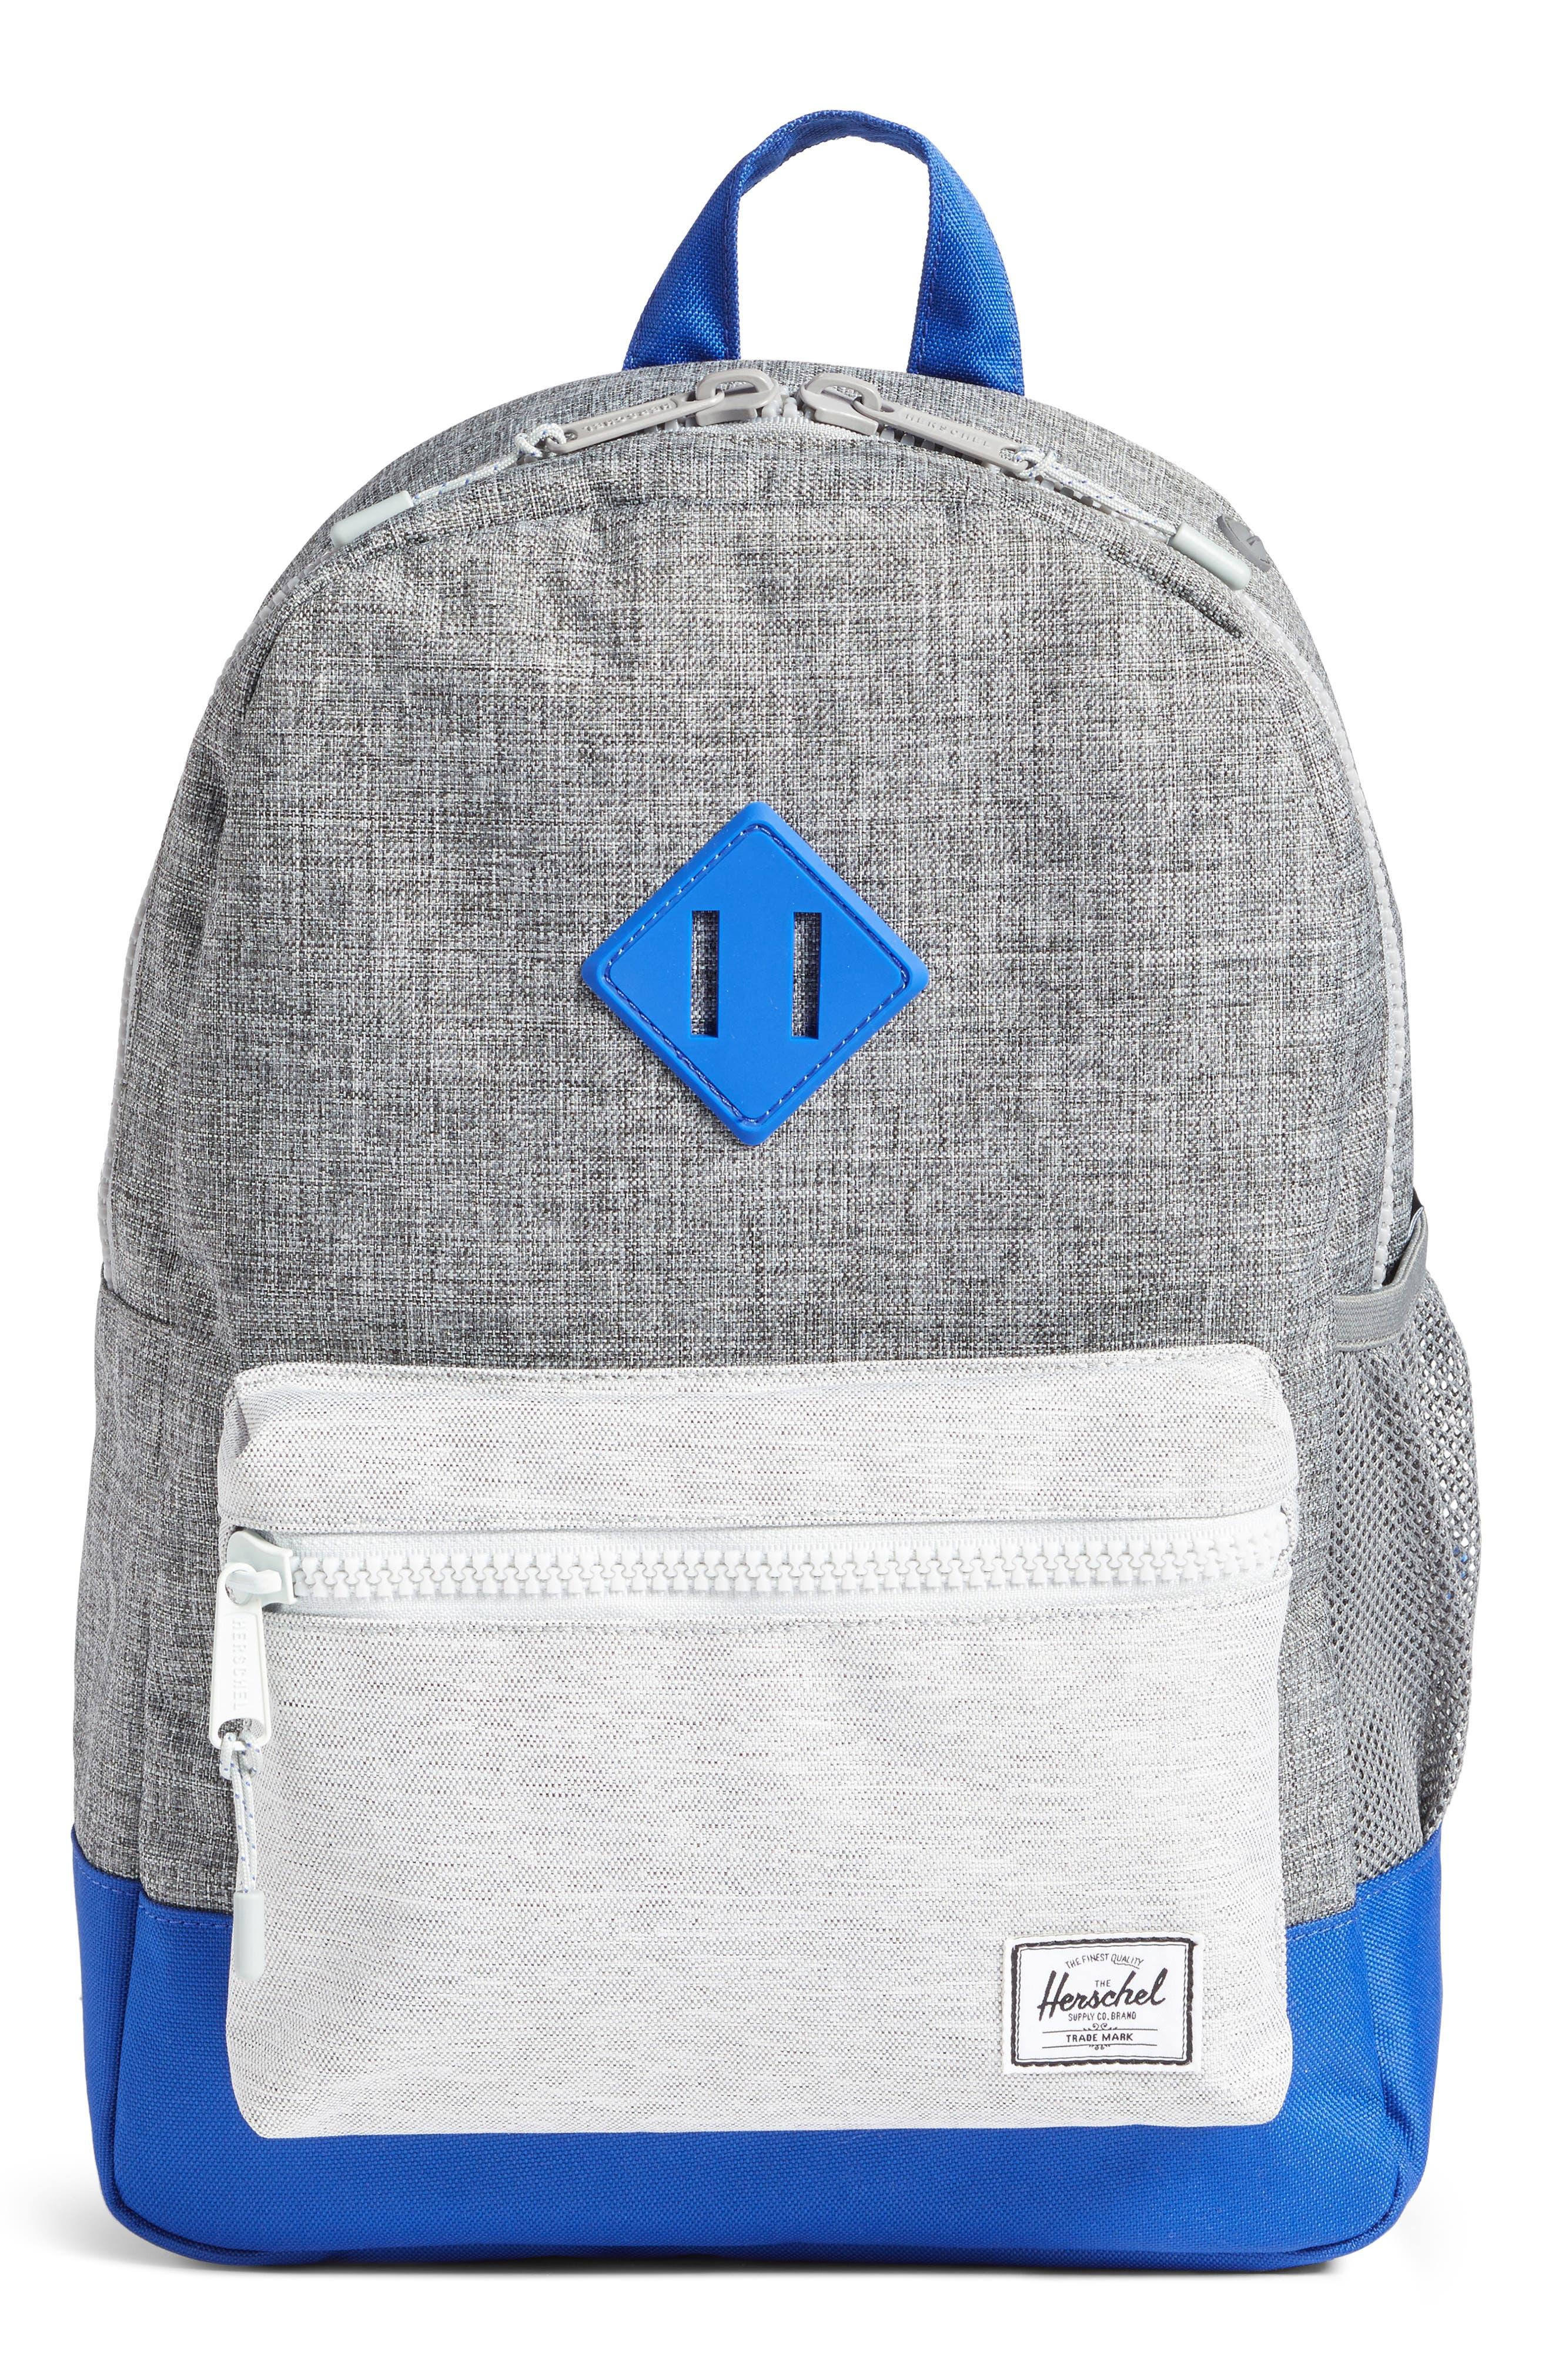 Heritage Colorblocked Backpack,                         Main,                         color, Raven Crosshatch/ Surf Blue